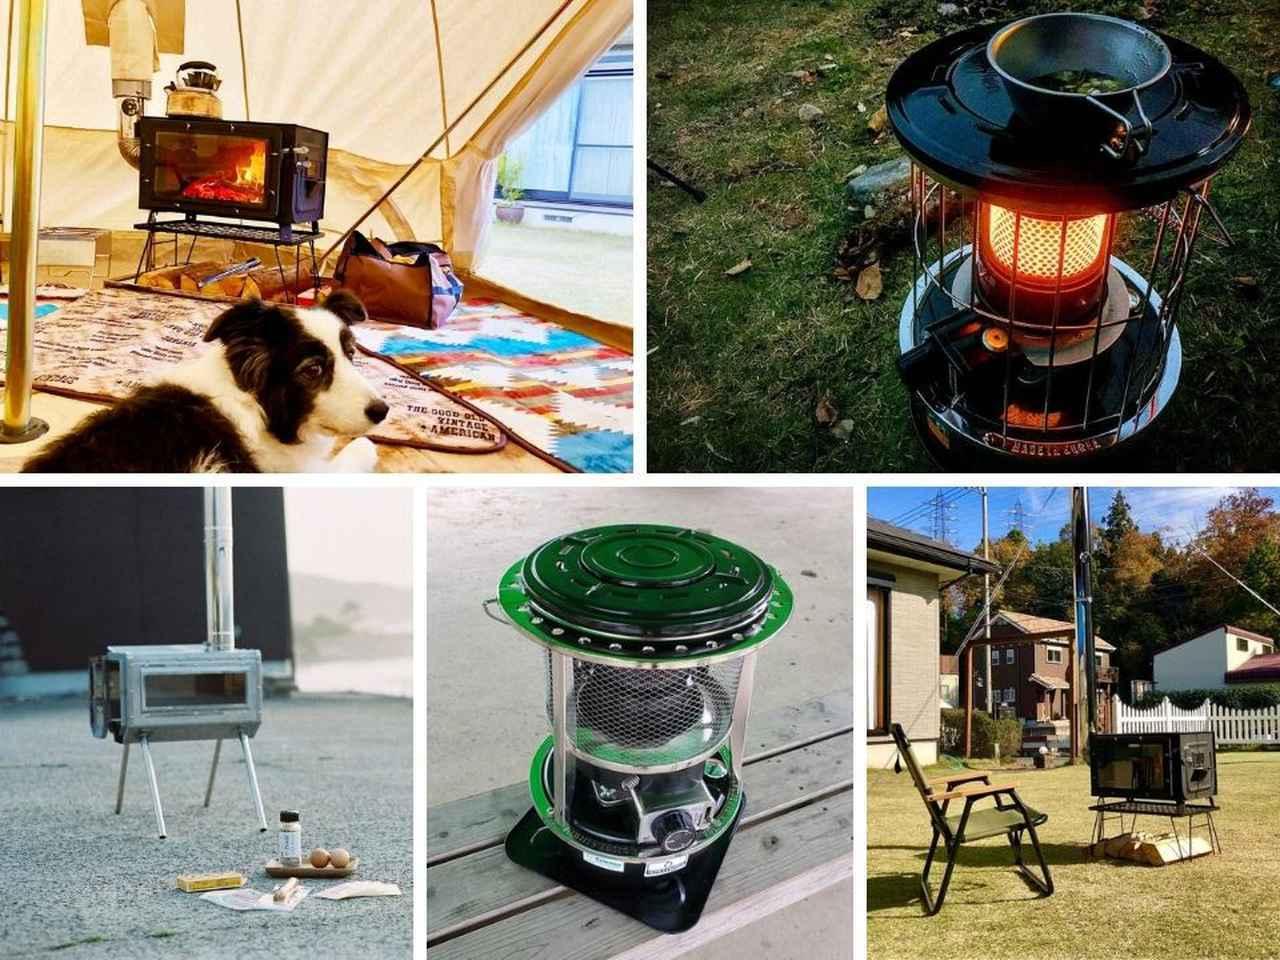 画像: 【まとめ】冬キャンプの必需品! ストーブのおすすめ6選 石油・薪・電気それぞれ厳選しました - ハピキャン(HAPPY CAMPER)